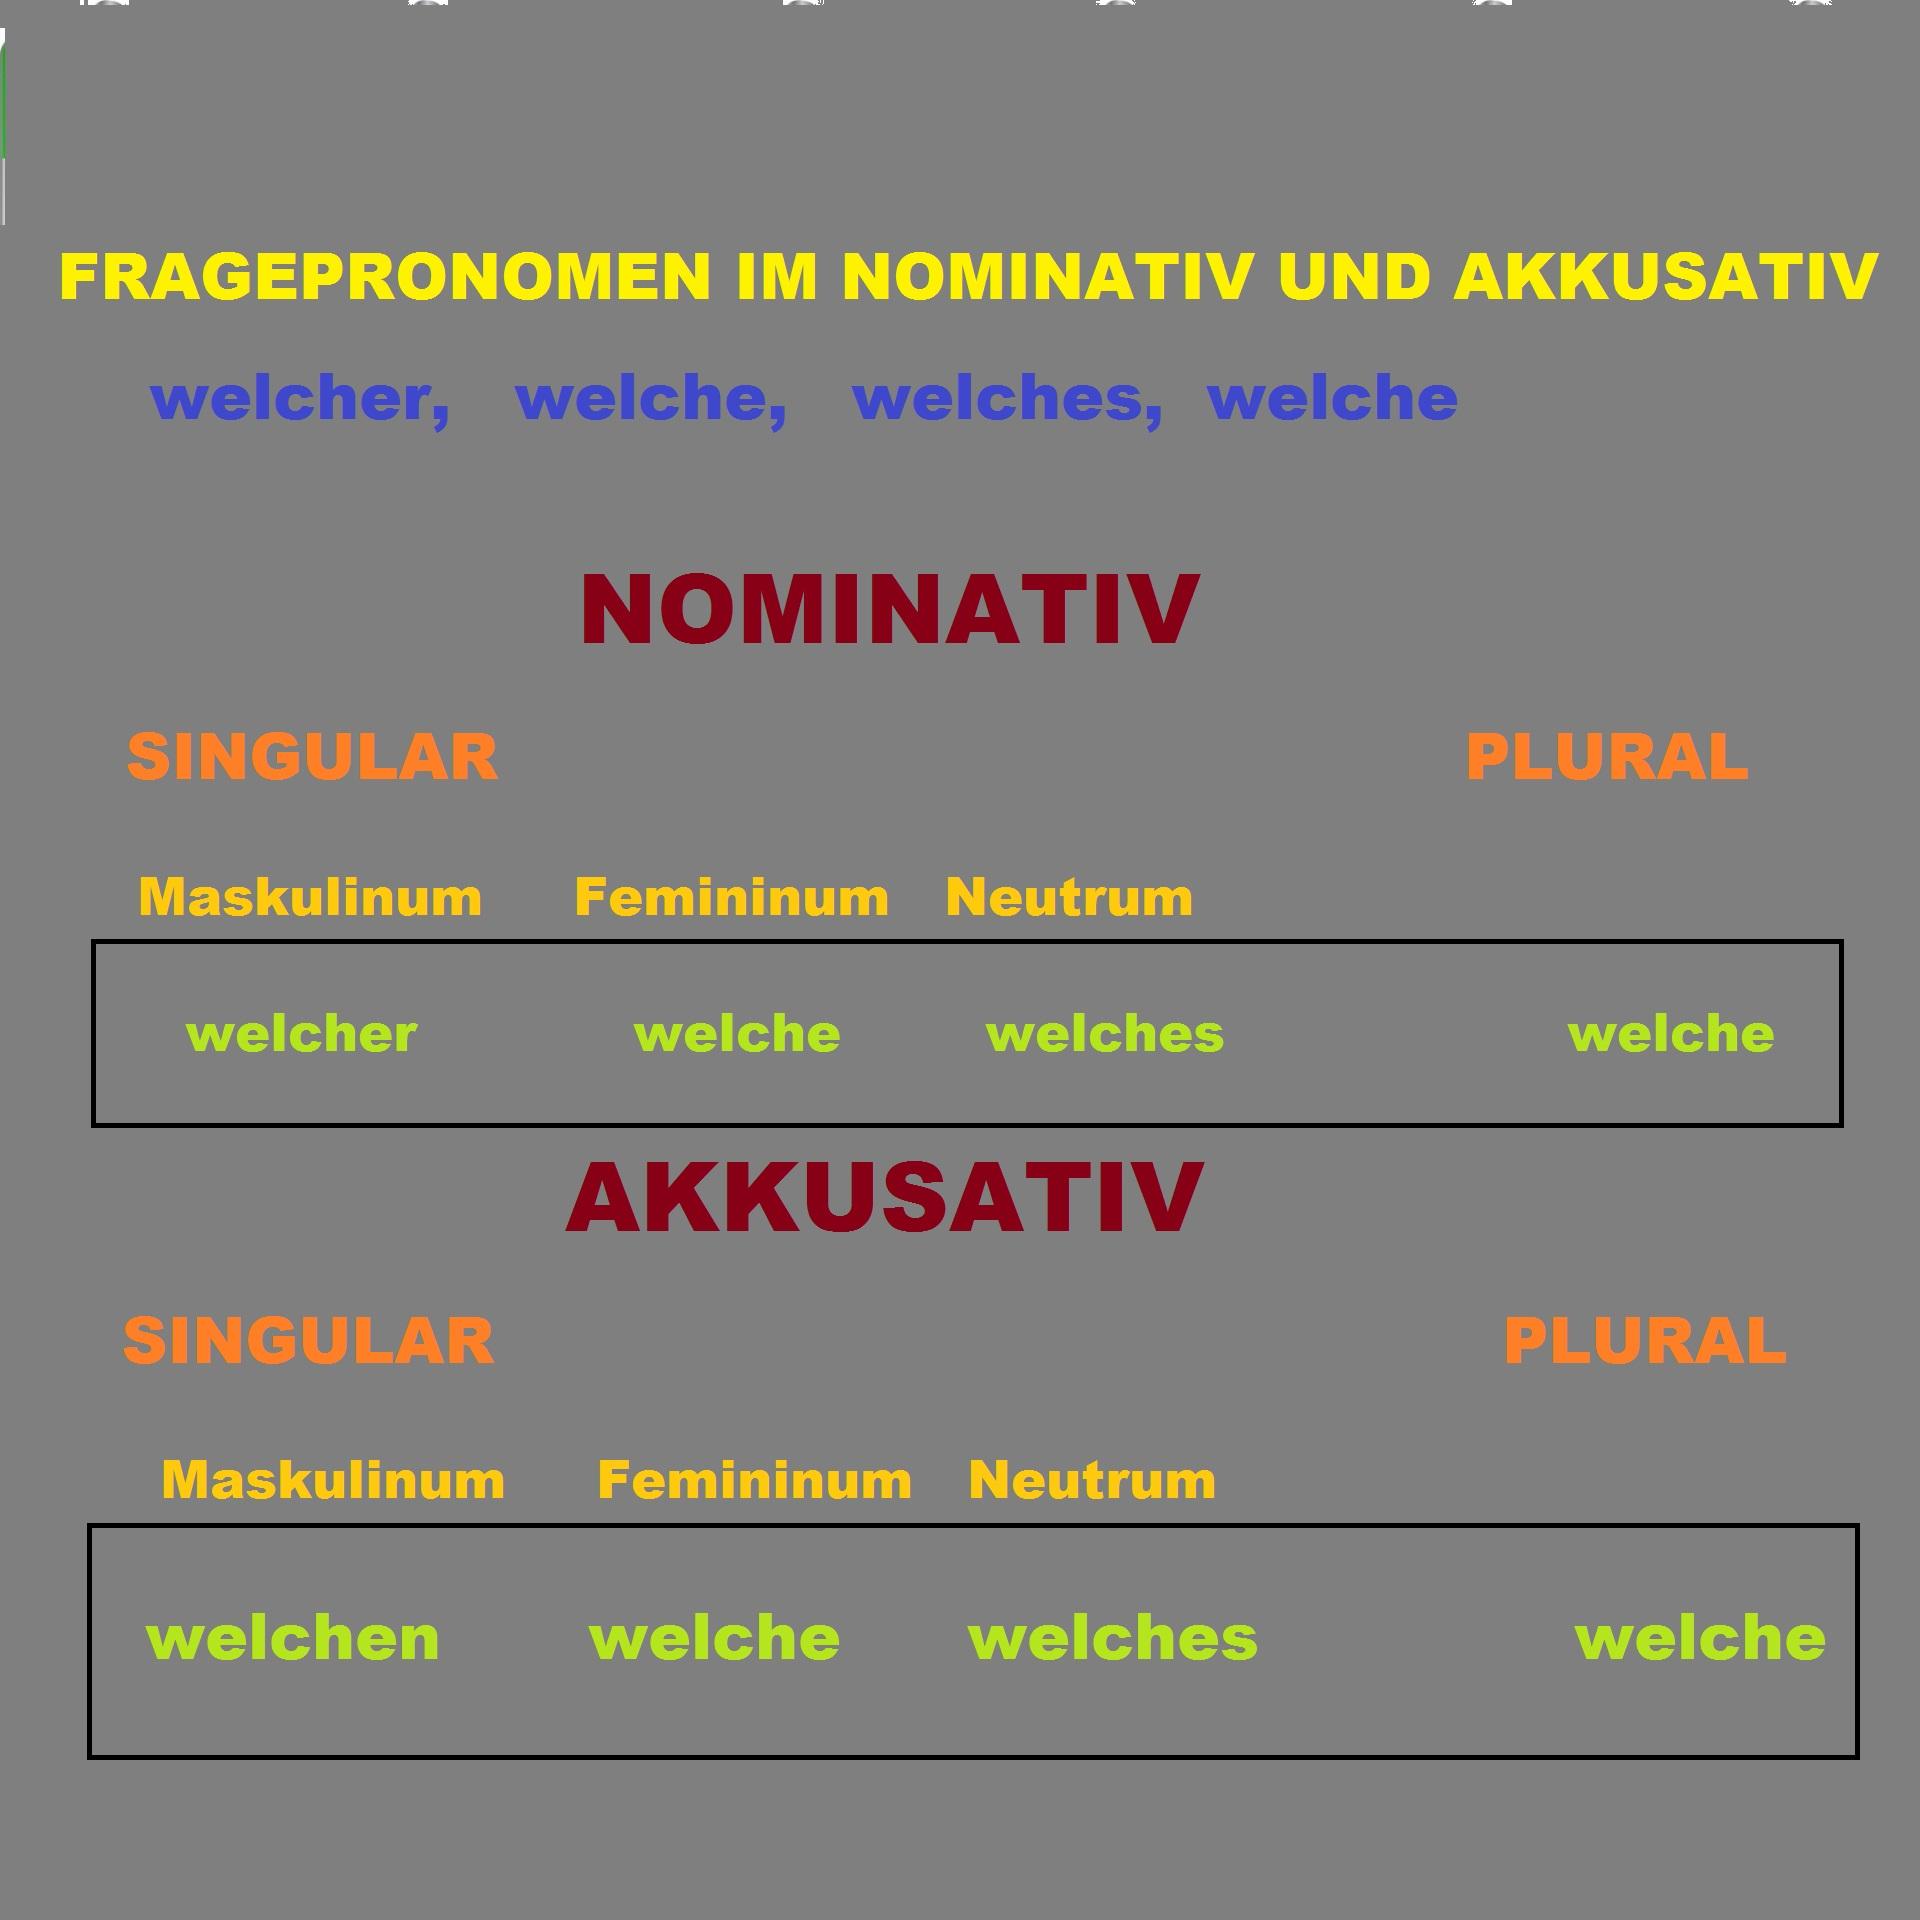 fwef - Fragepronomen im NOMINATIV UND AKKUSATIV